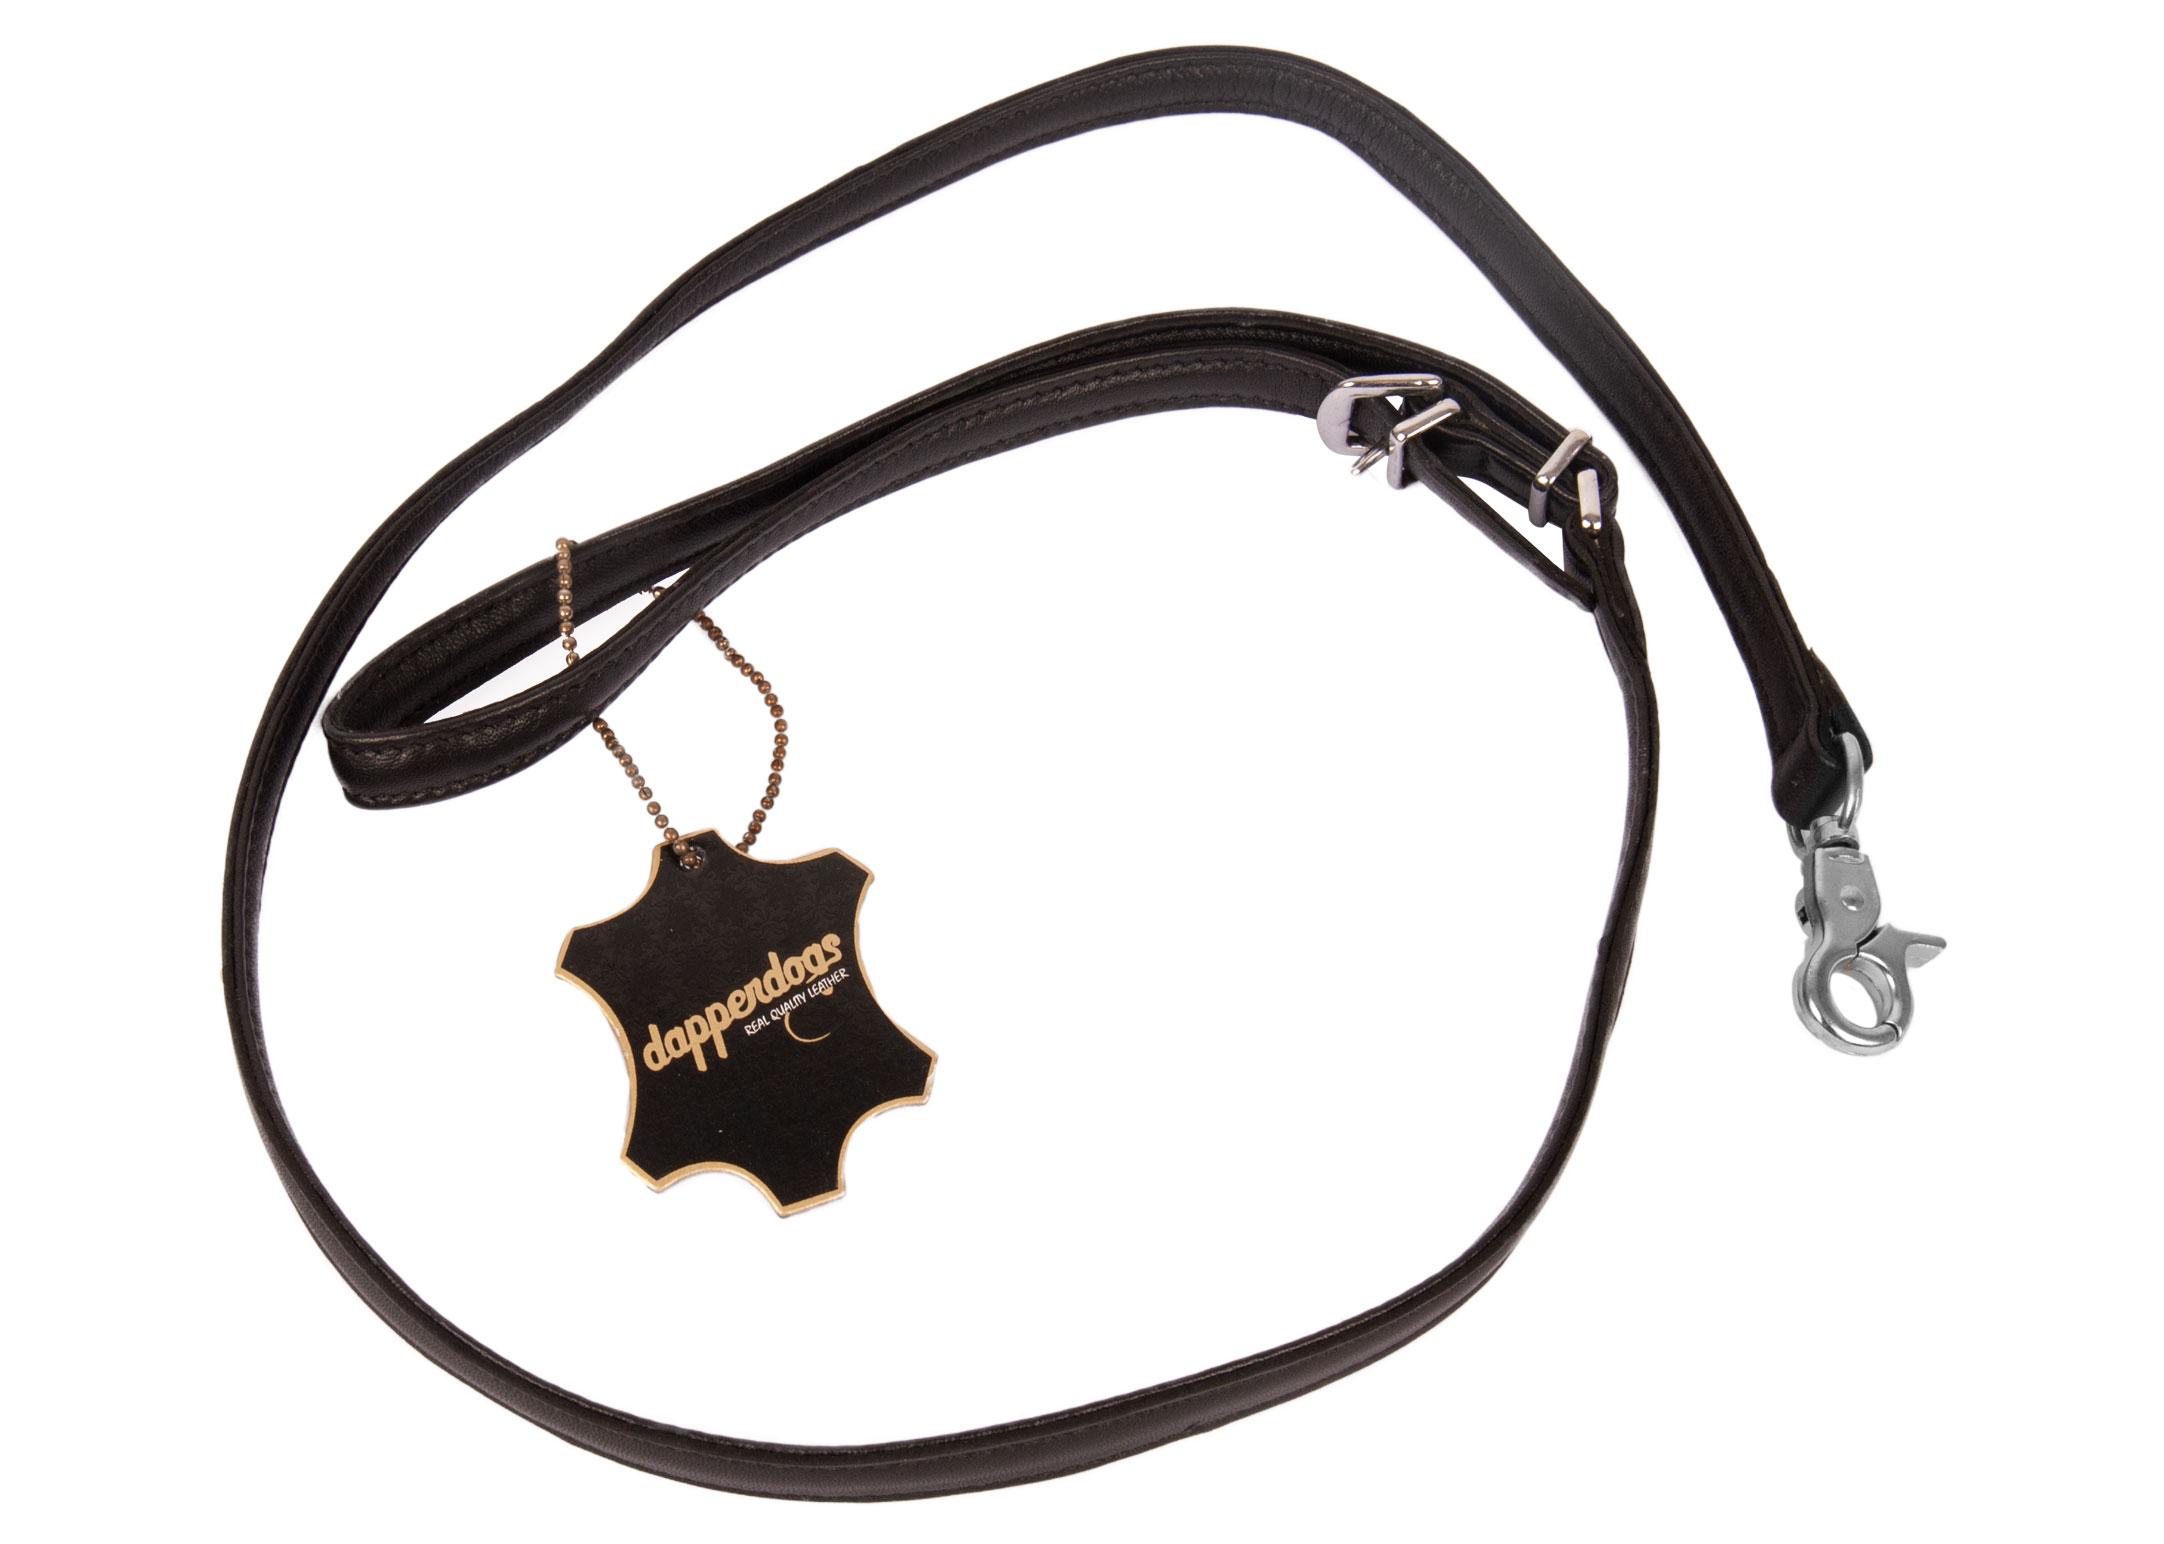 Dapper Dogs Lead JEWEL Black 1,3 x 100cm Lead